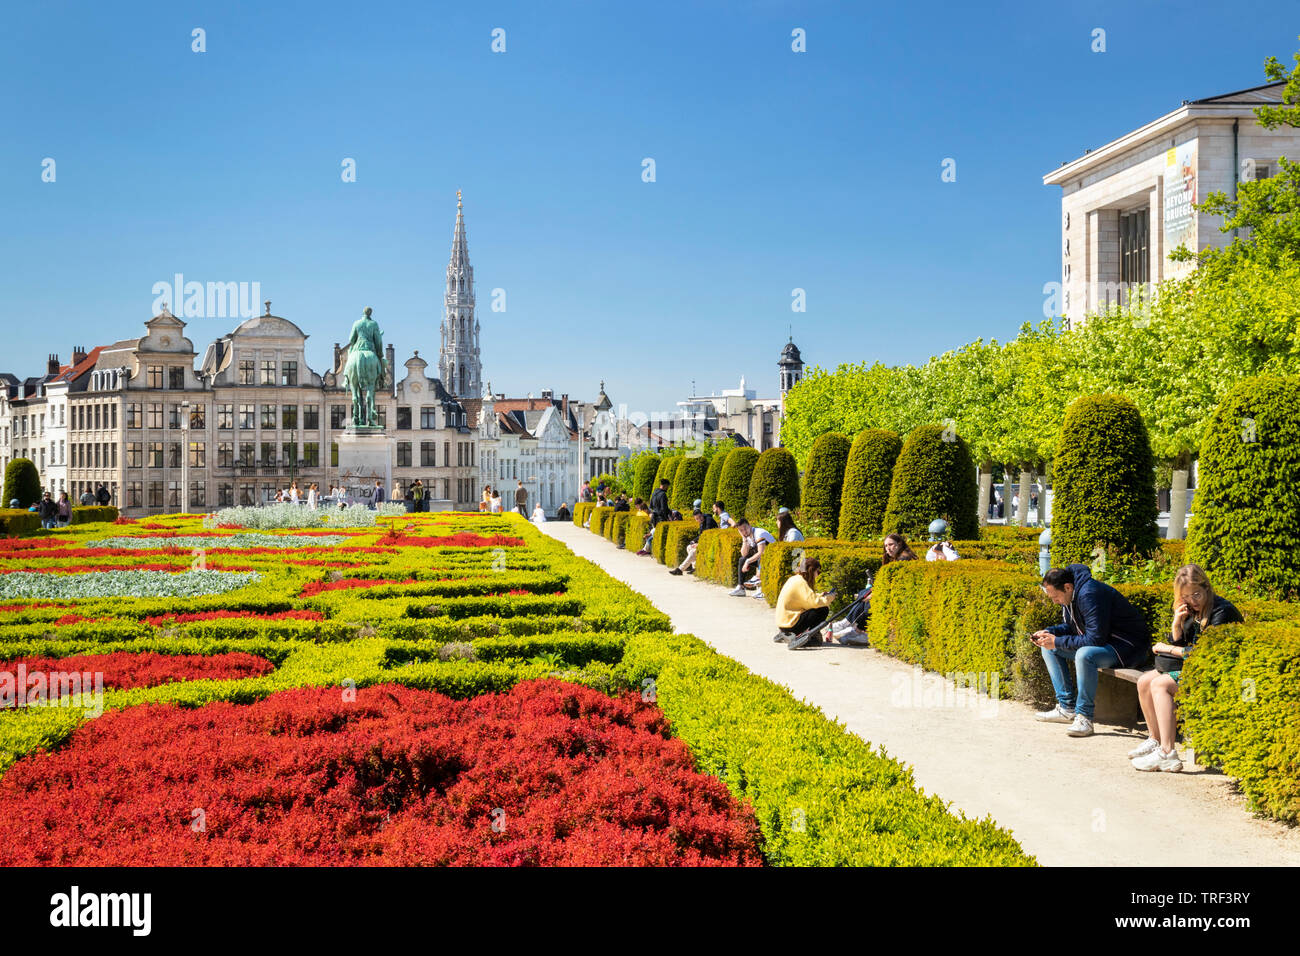 People wandering in the gardens of the Mont des Arts Garden Kunstberg brussels Belgium Eu Europe Stock Photo